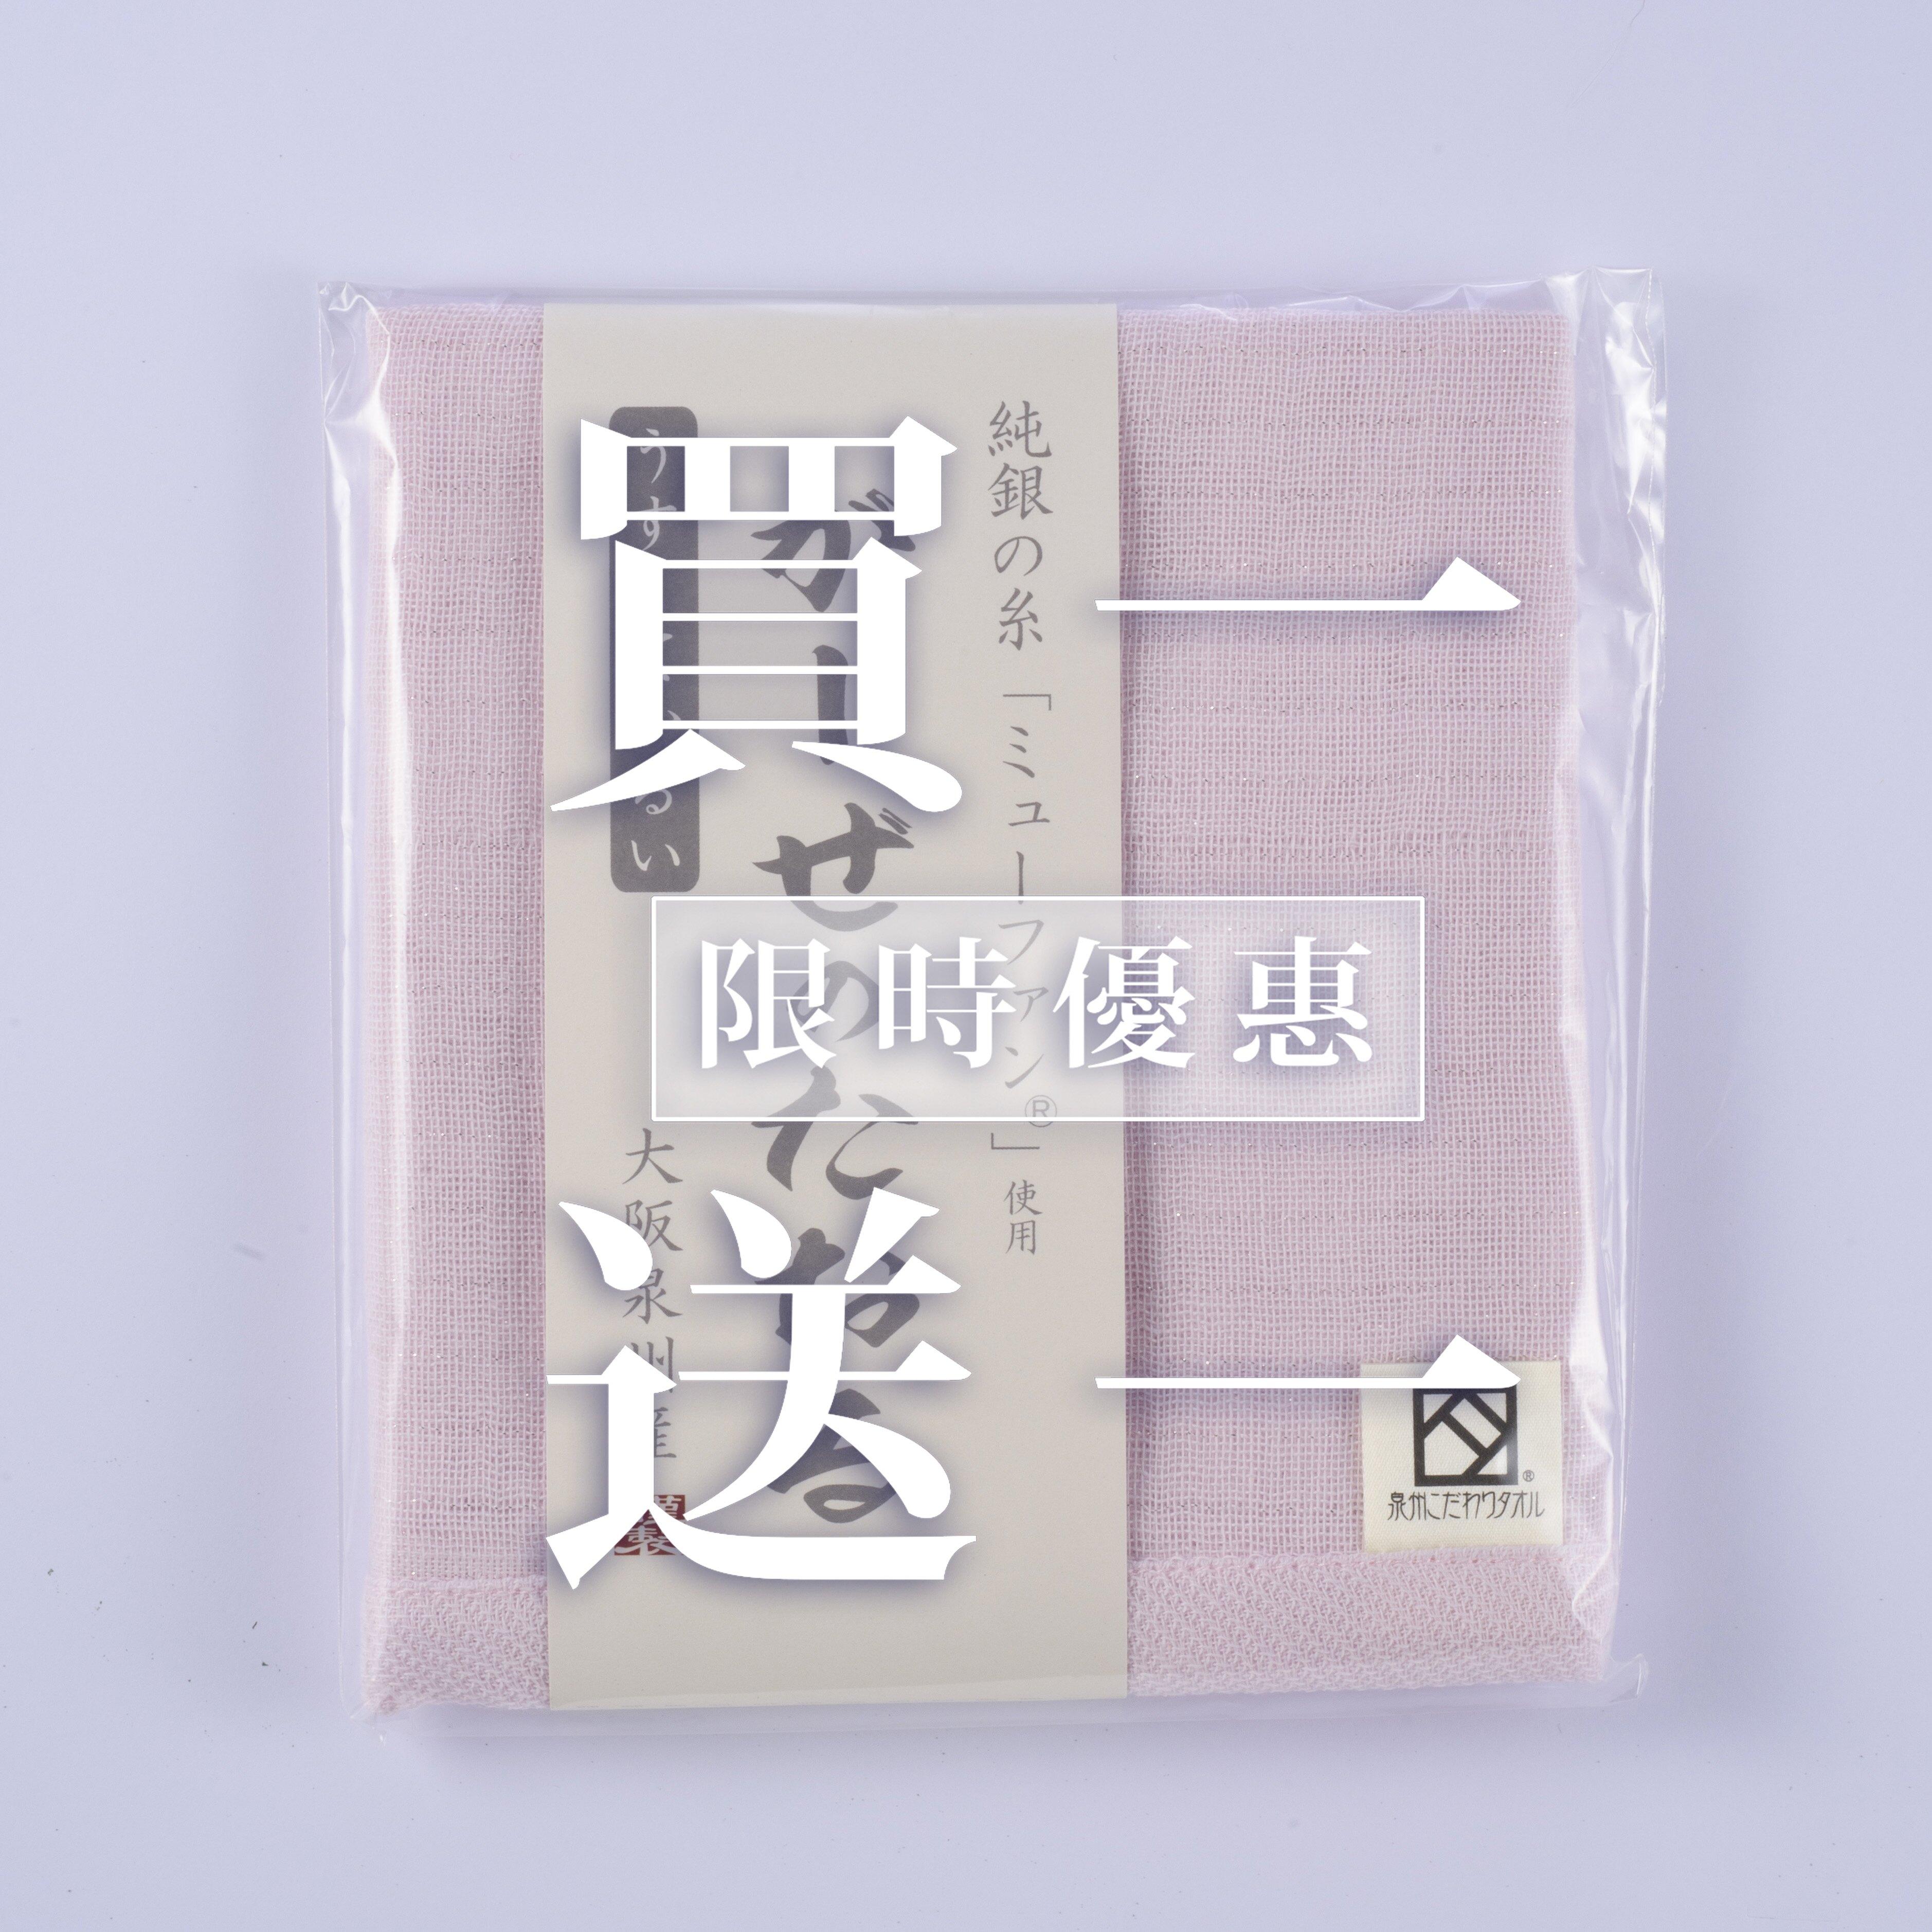 (中)日本製大阪泉州+mju-func銀纖維抗菌.防臭棉紗毛巾(淺粉紅)-妙屋房